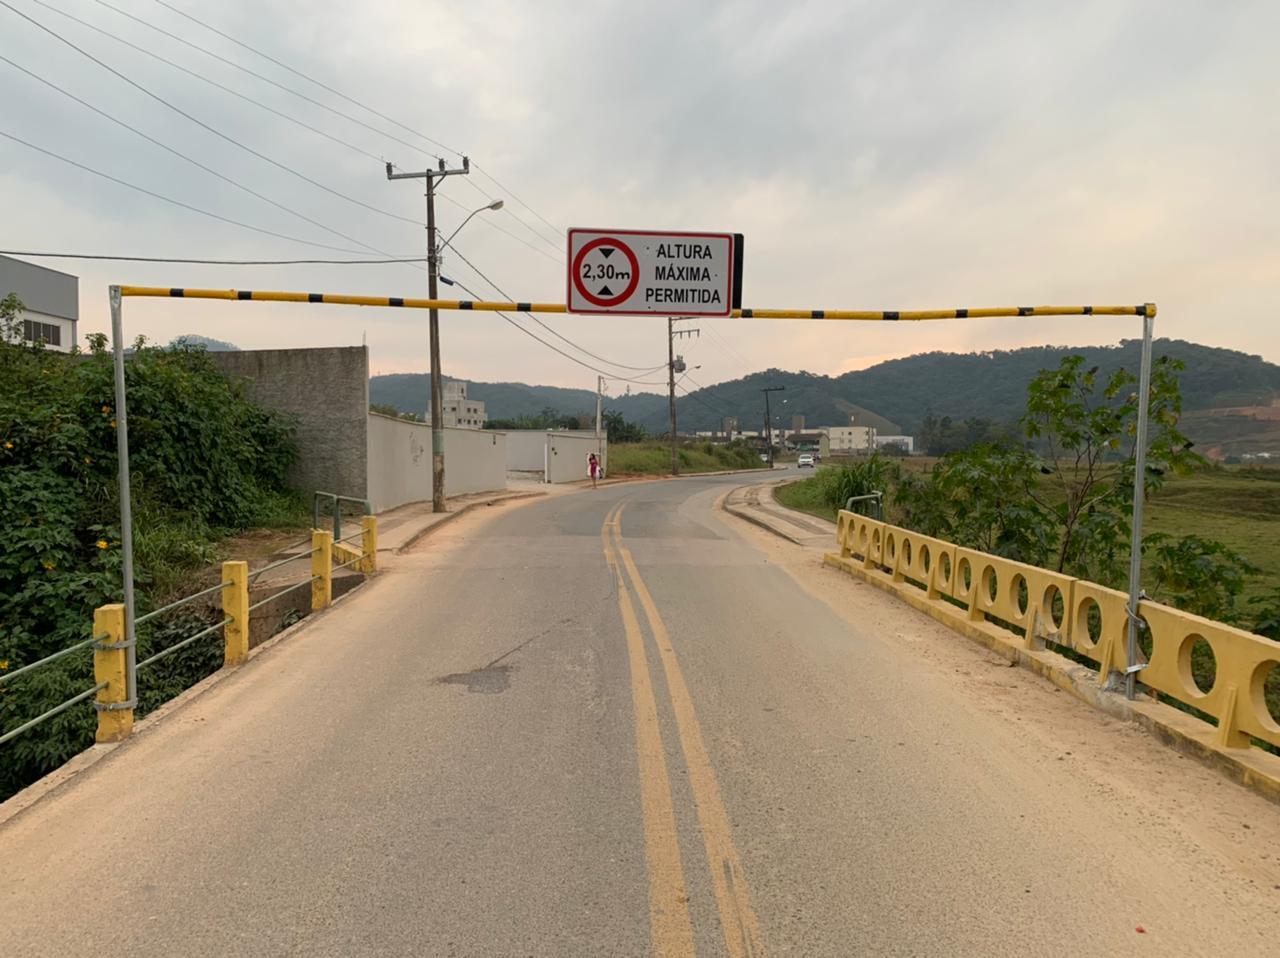 Ponte da rua DJ-003, Bairro Dom Joaquim, recebe trave de altura